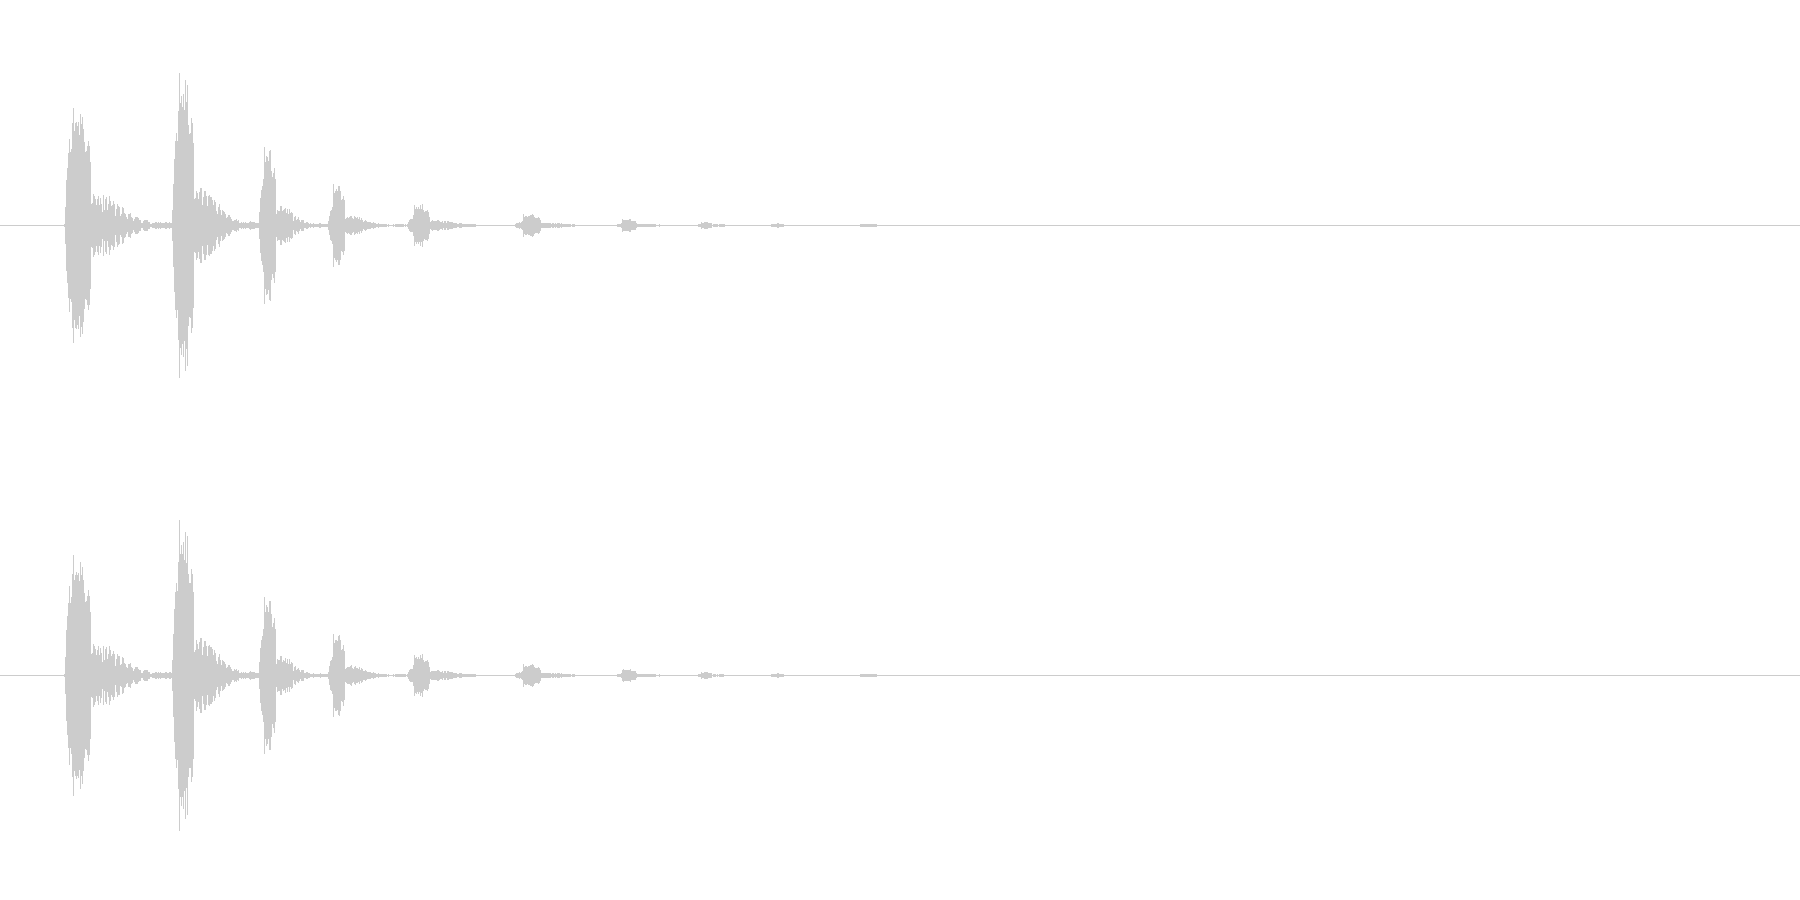 【びっくり04-3】の未再生の波形